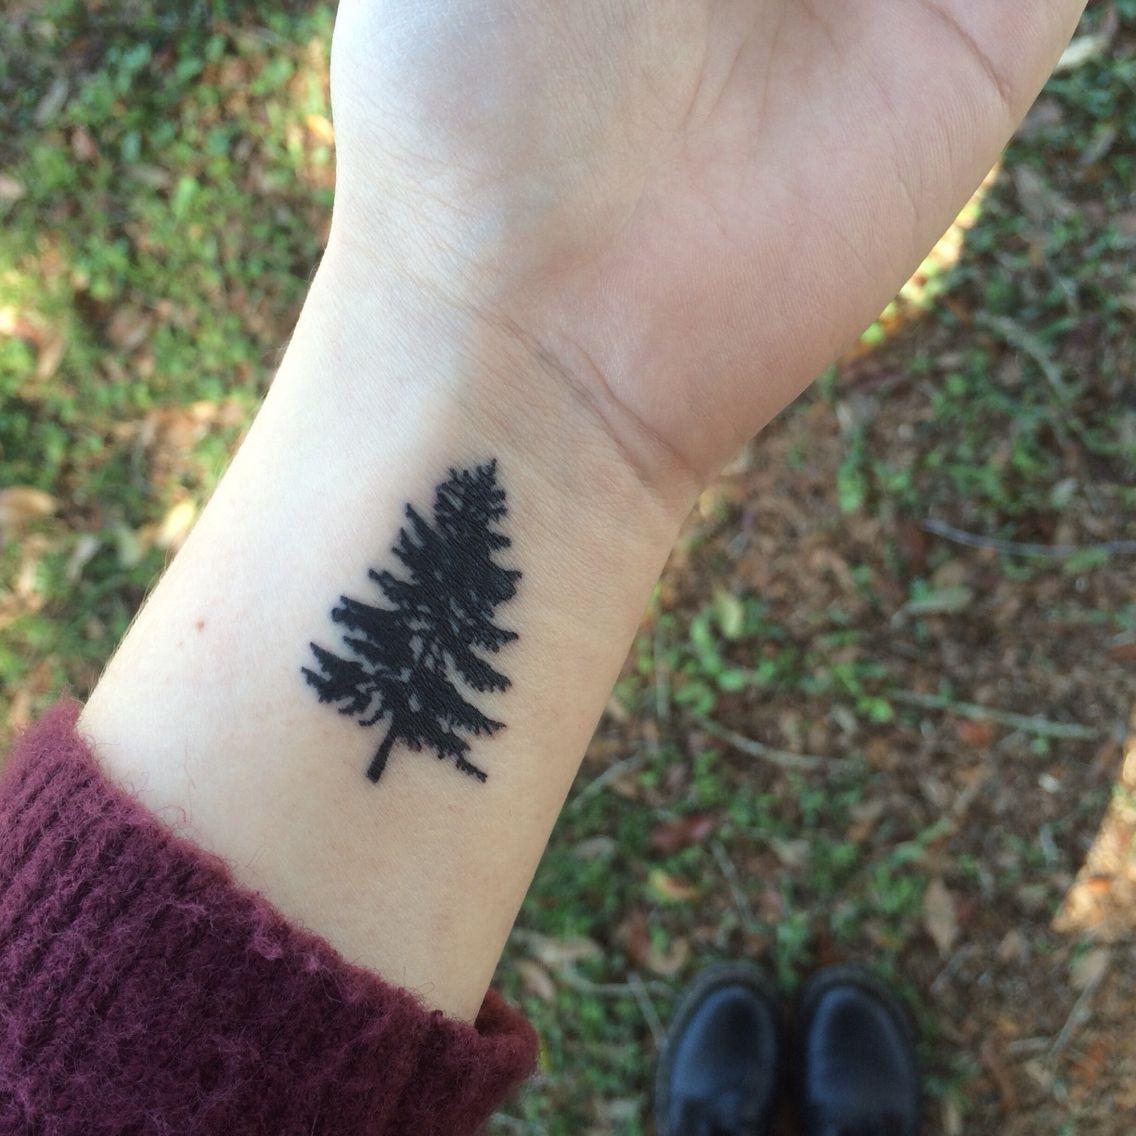 My Small Pine Tree Tattoo …